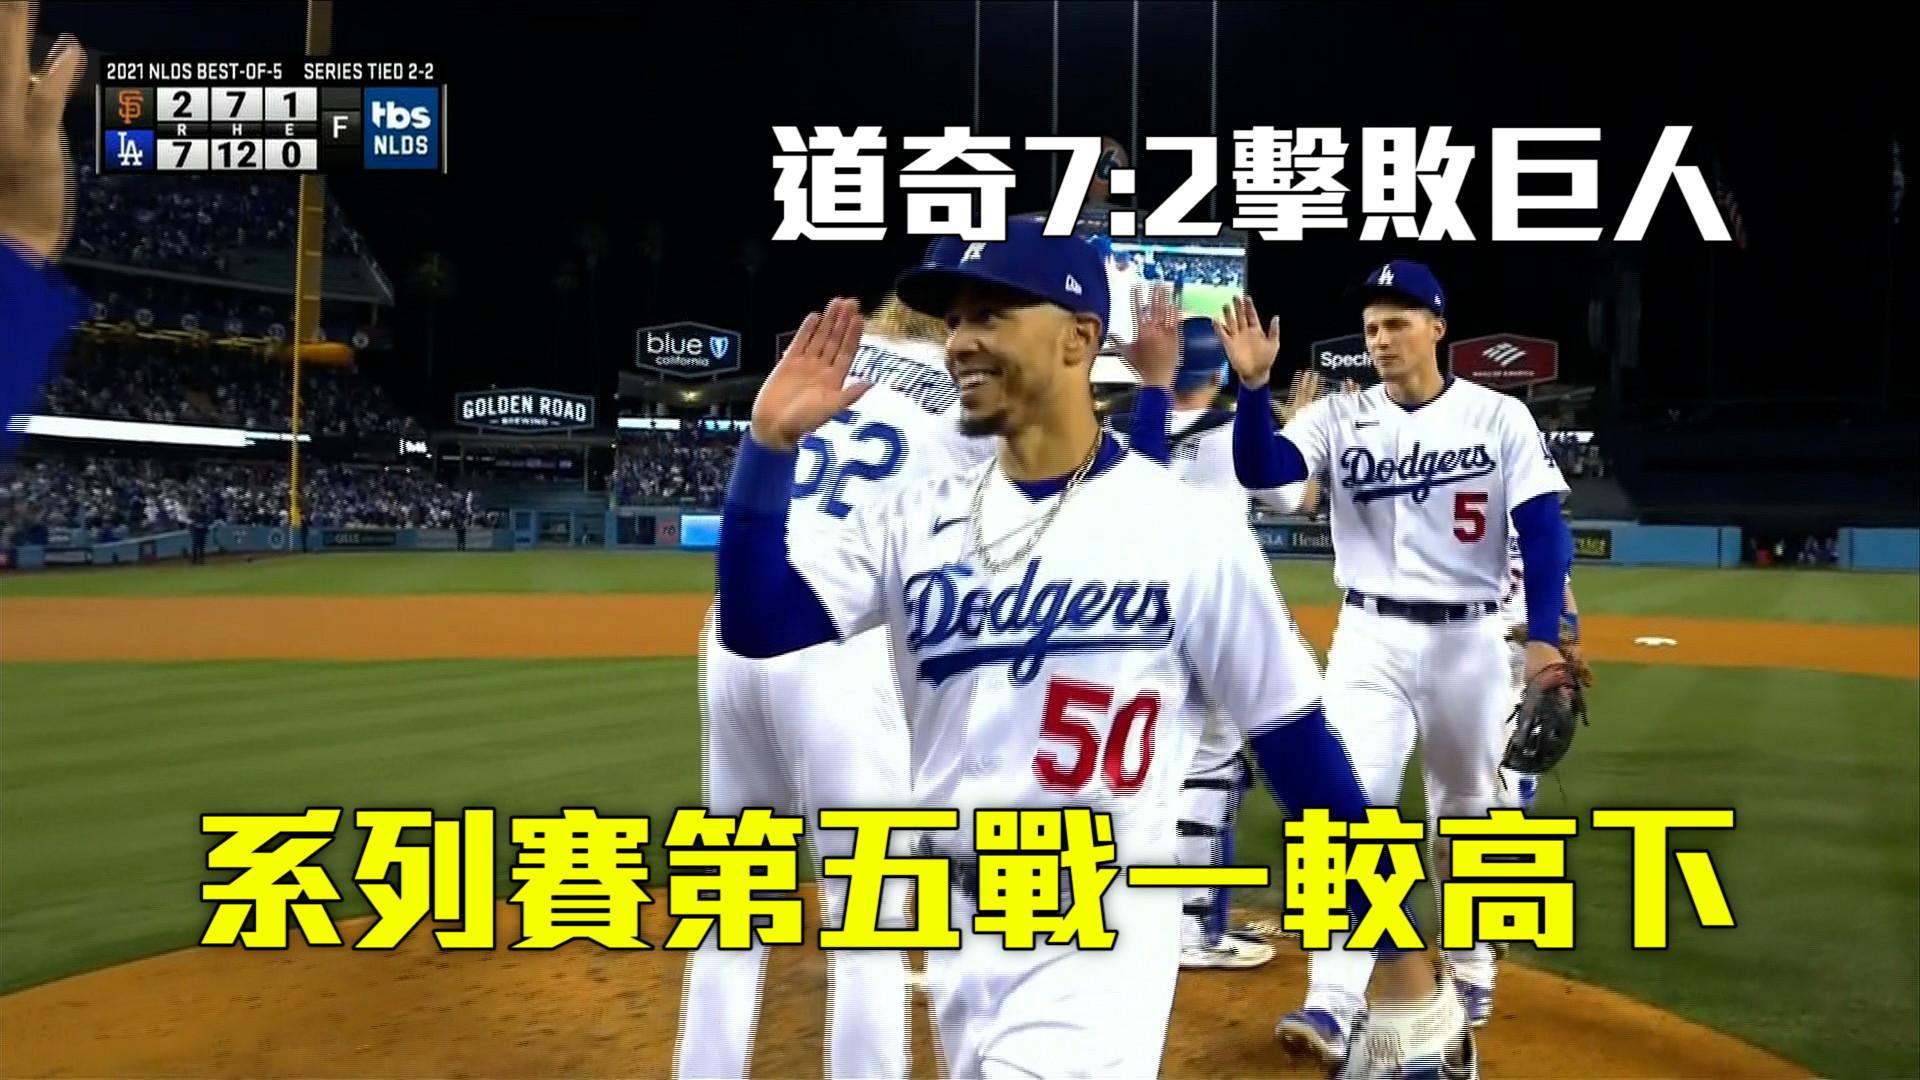 【MLB看愛爾達】道奇7:2扳倒巨人 將進行決勝第五戰 10/13